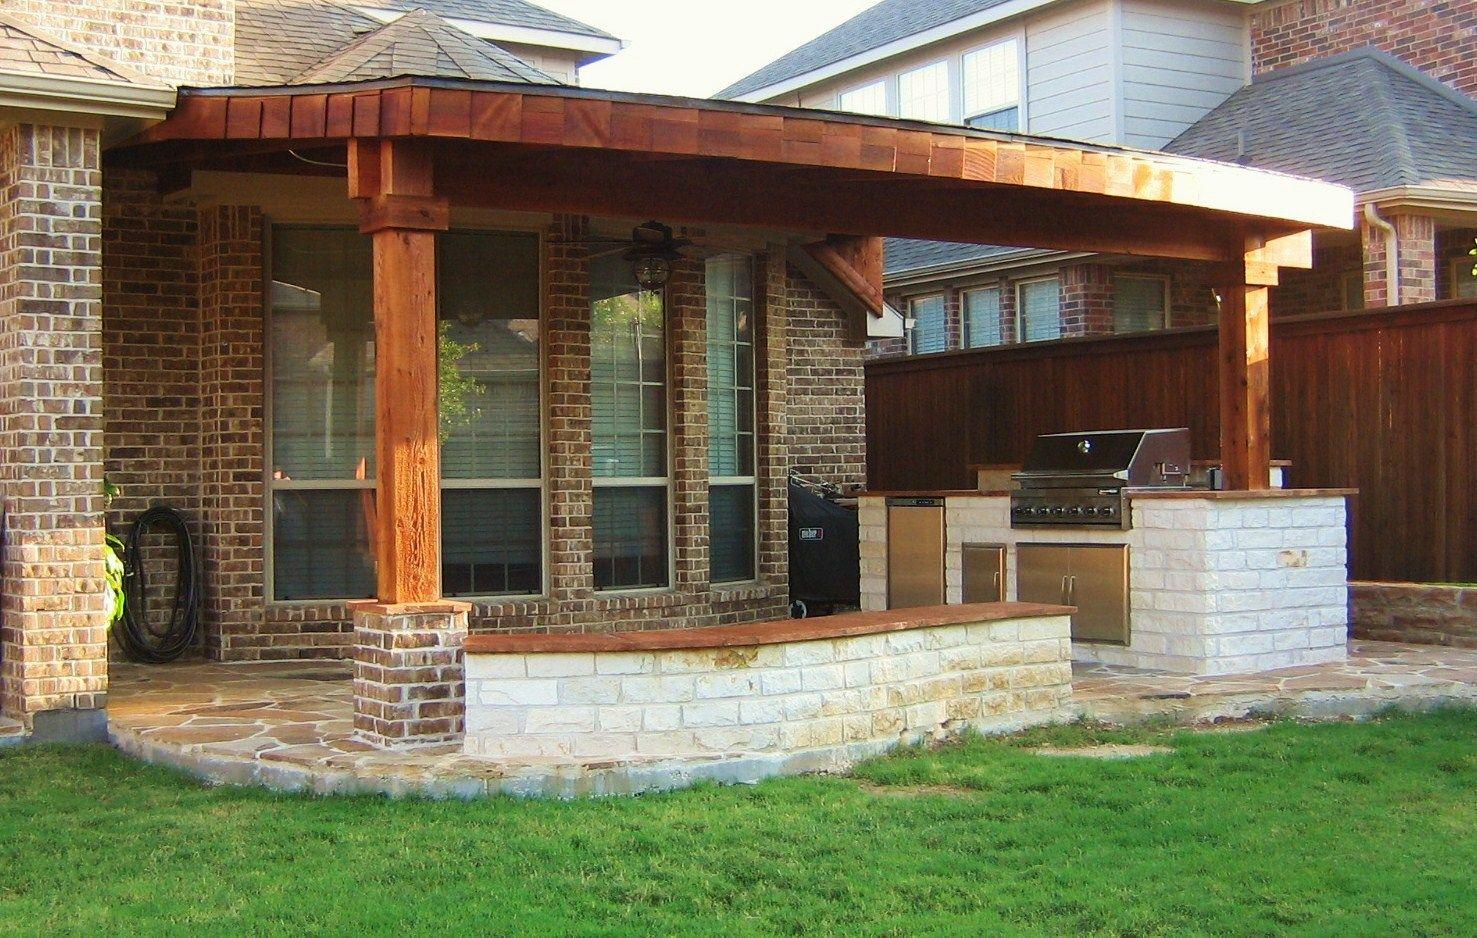 Patio Designs 14 X24 Cedar Patio Cover Complete With 2 Brick